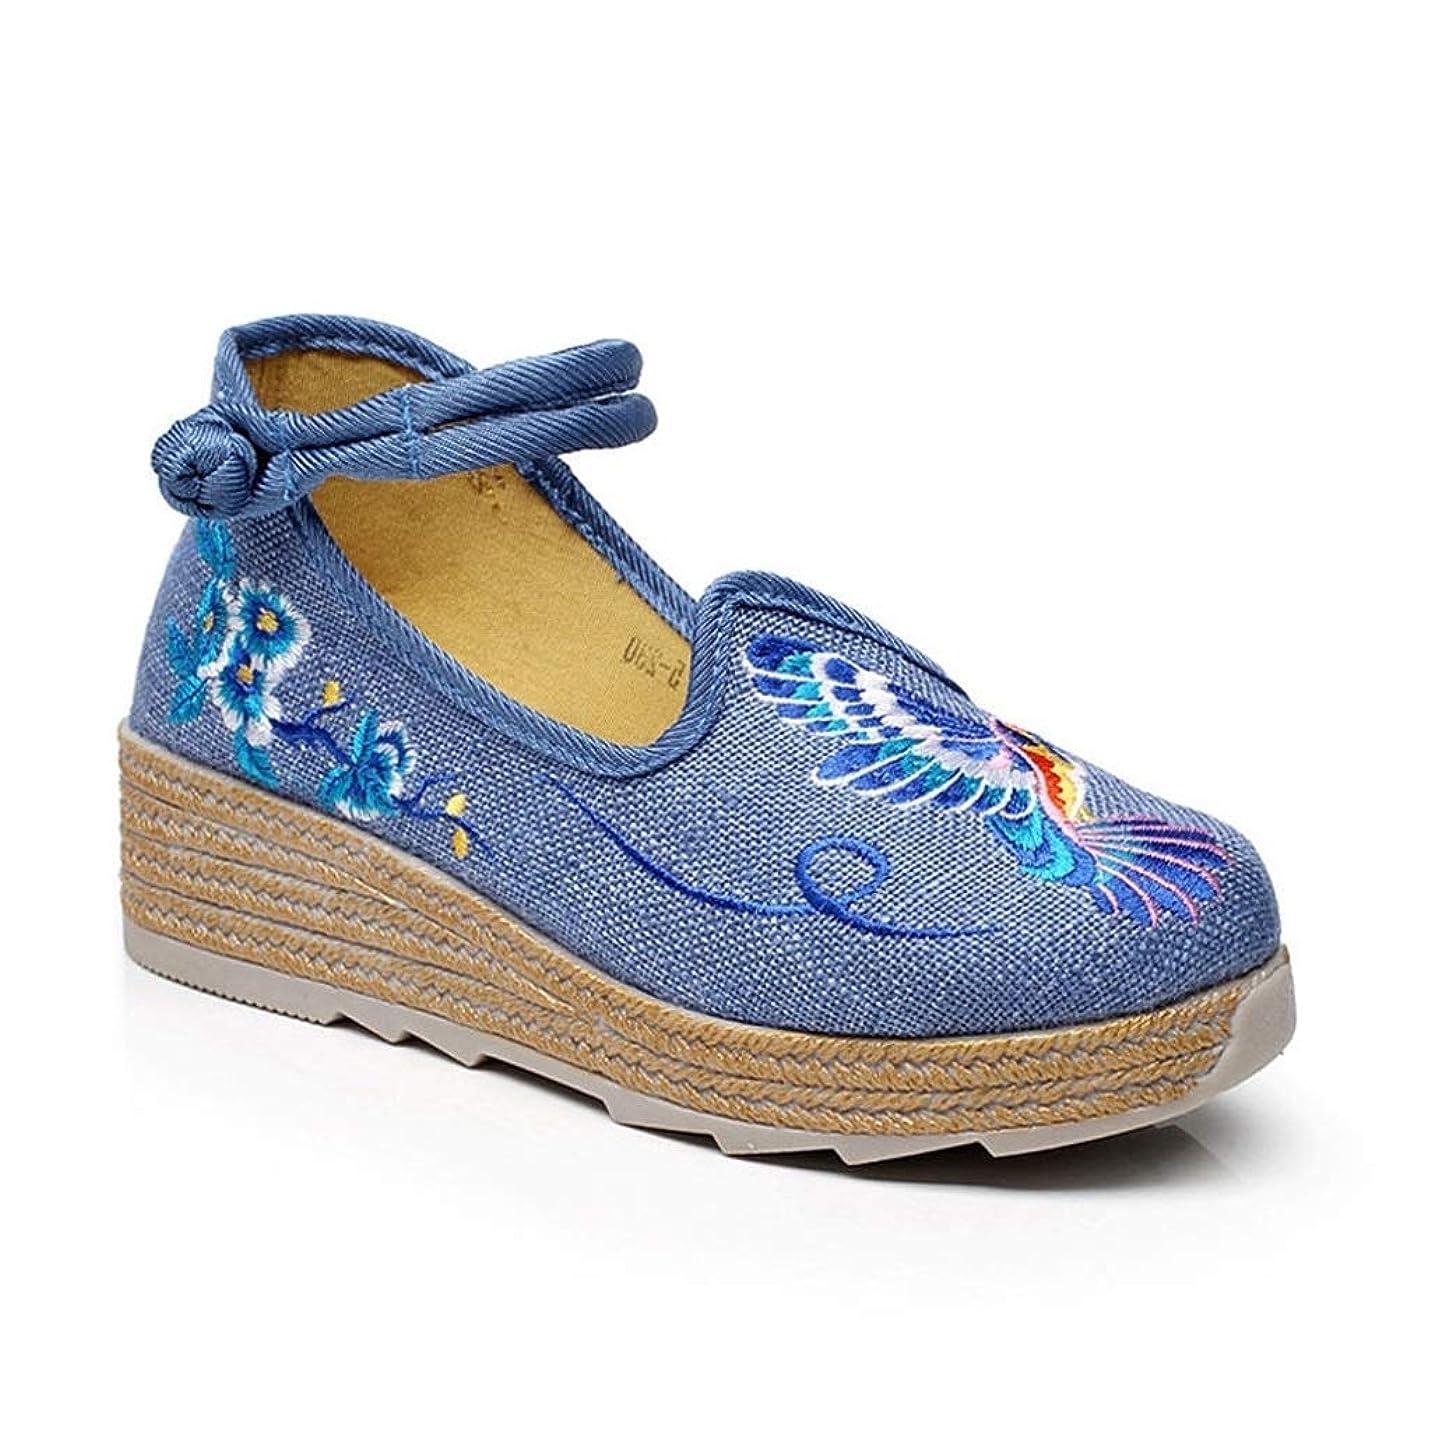 ミニ楕円形デザイナー古い北京の靴ナショナルスタイルの刺繍の靴中国の中国のハイヒールと一緒に母シングルシューズレディースシューズ (色 : 青, サイズ さいず : 37)